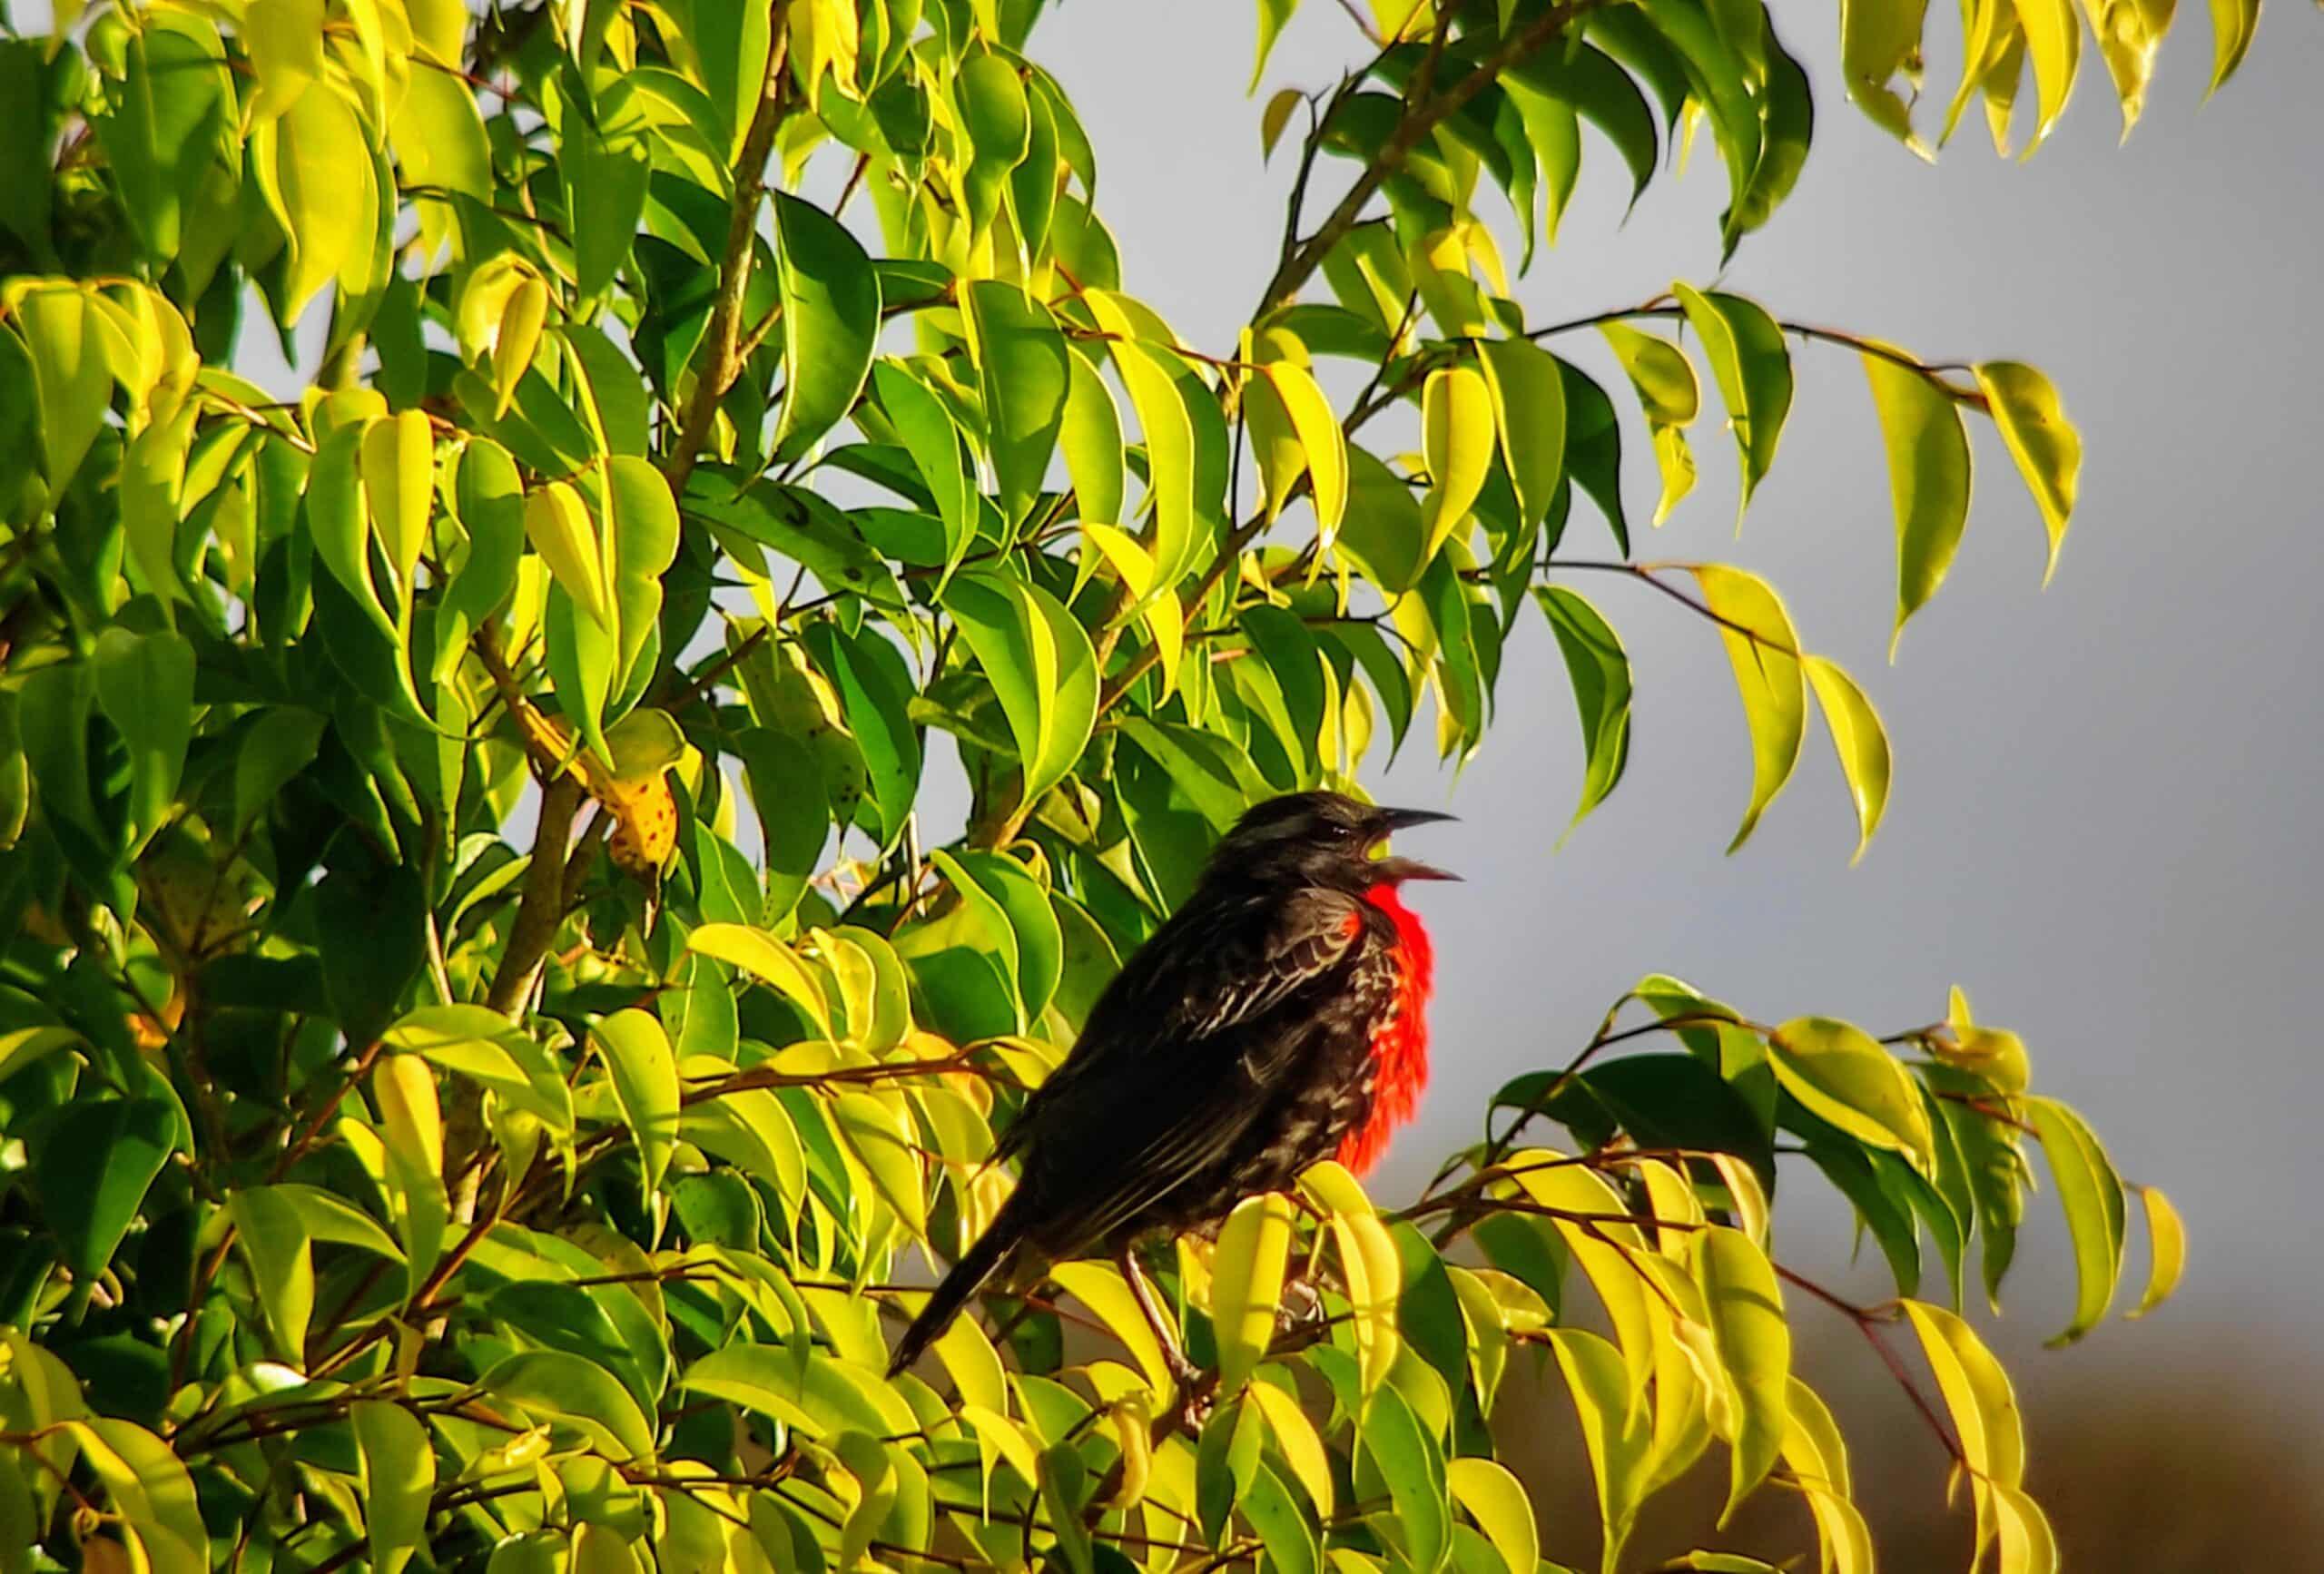 Pastorero pechirojo/Red breasted Black bird, Provincia de Napo| ©Jacqueline Granda